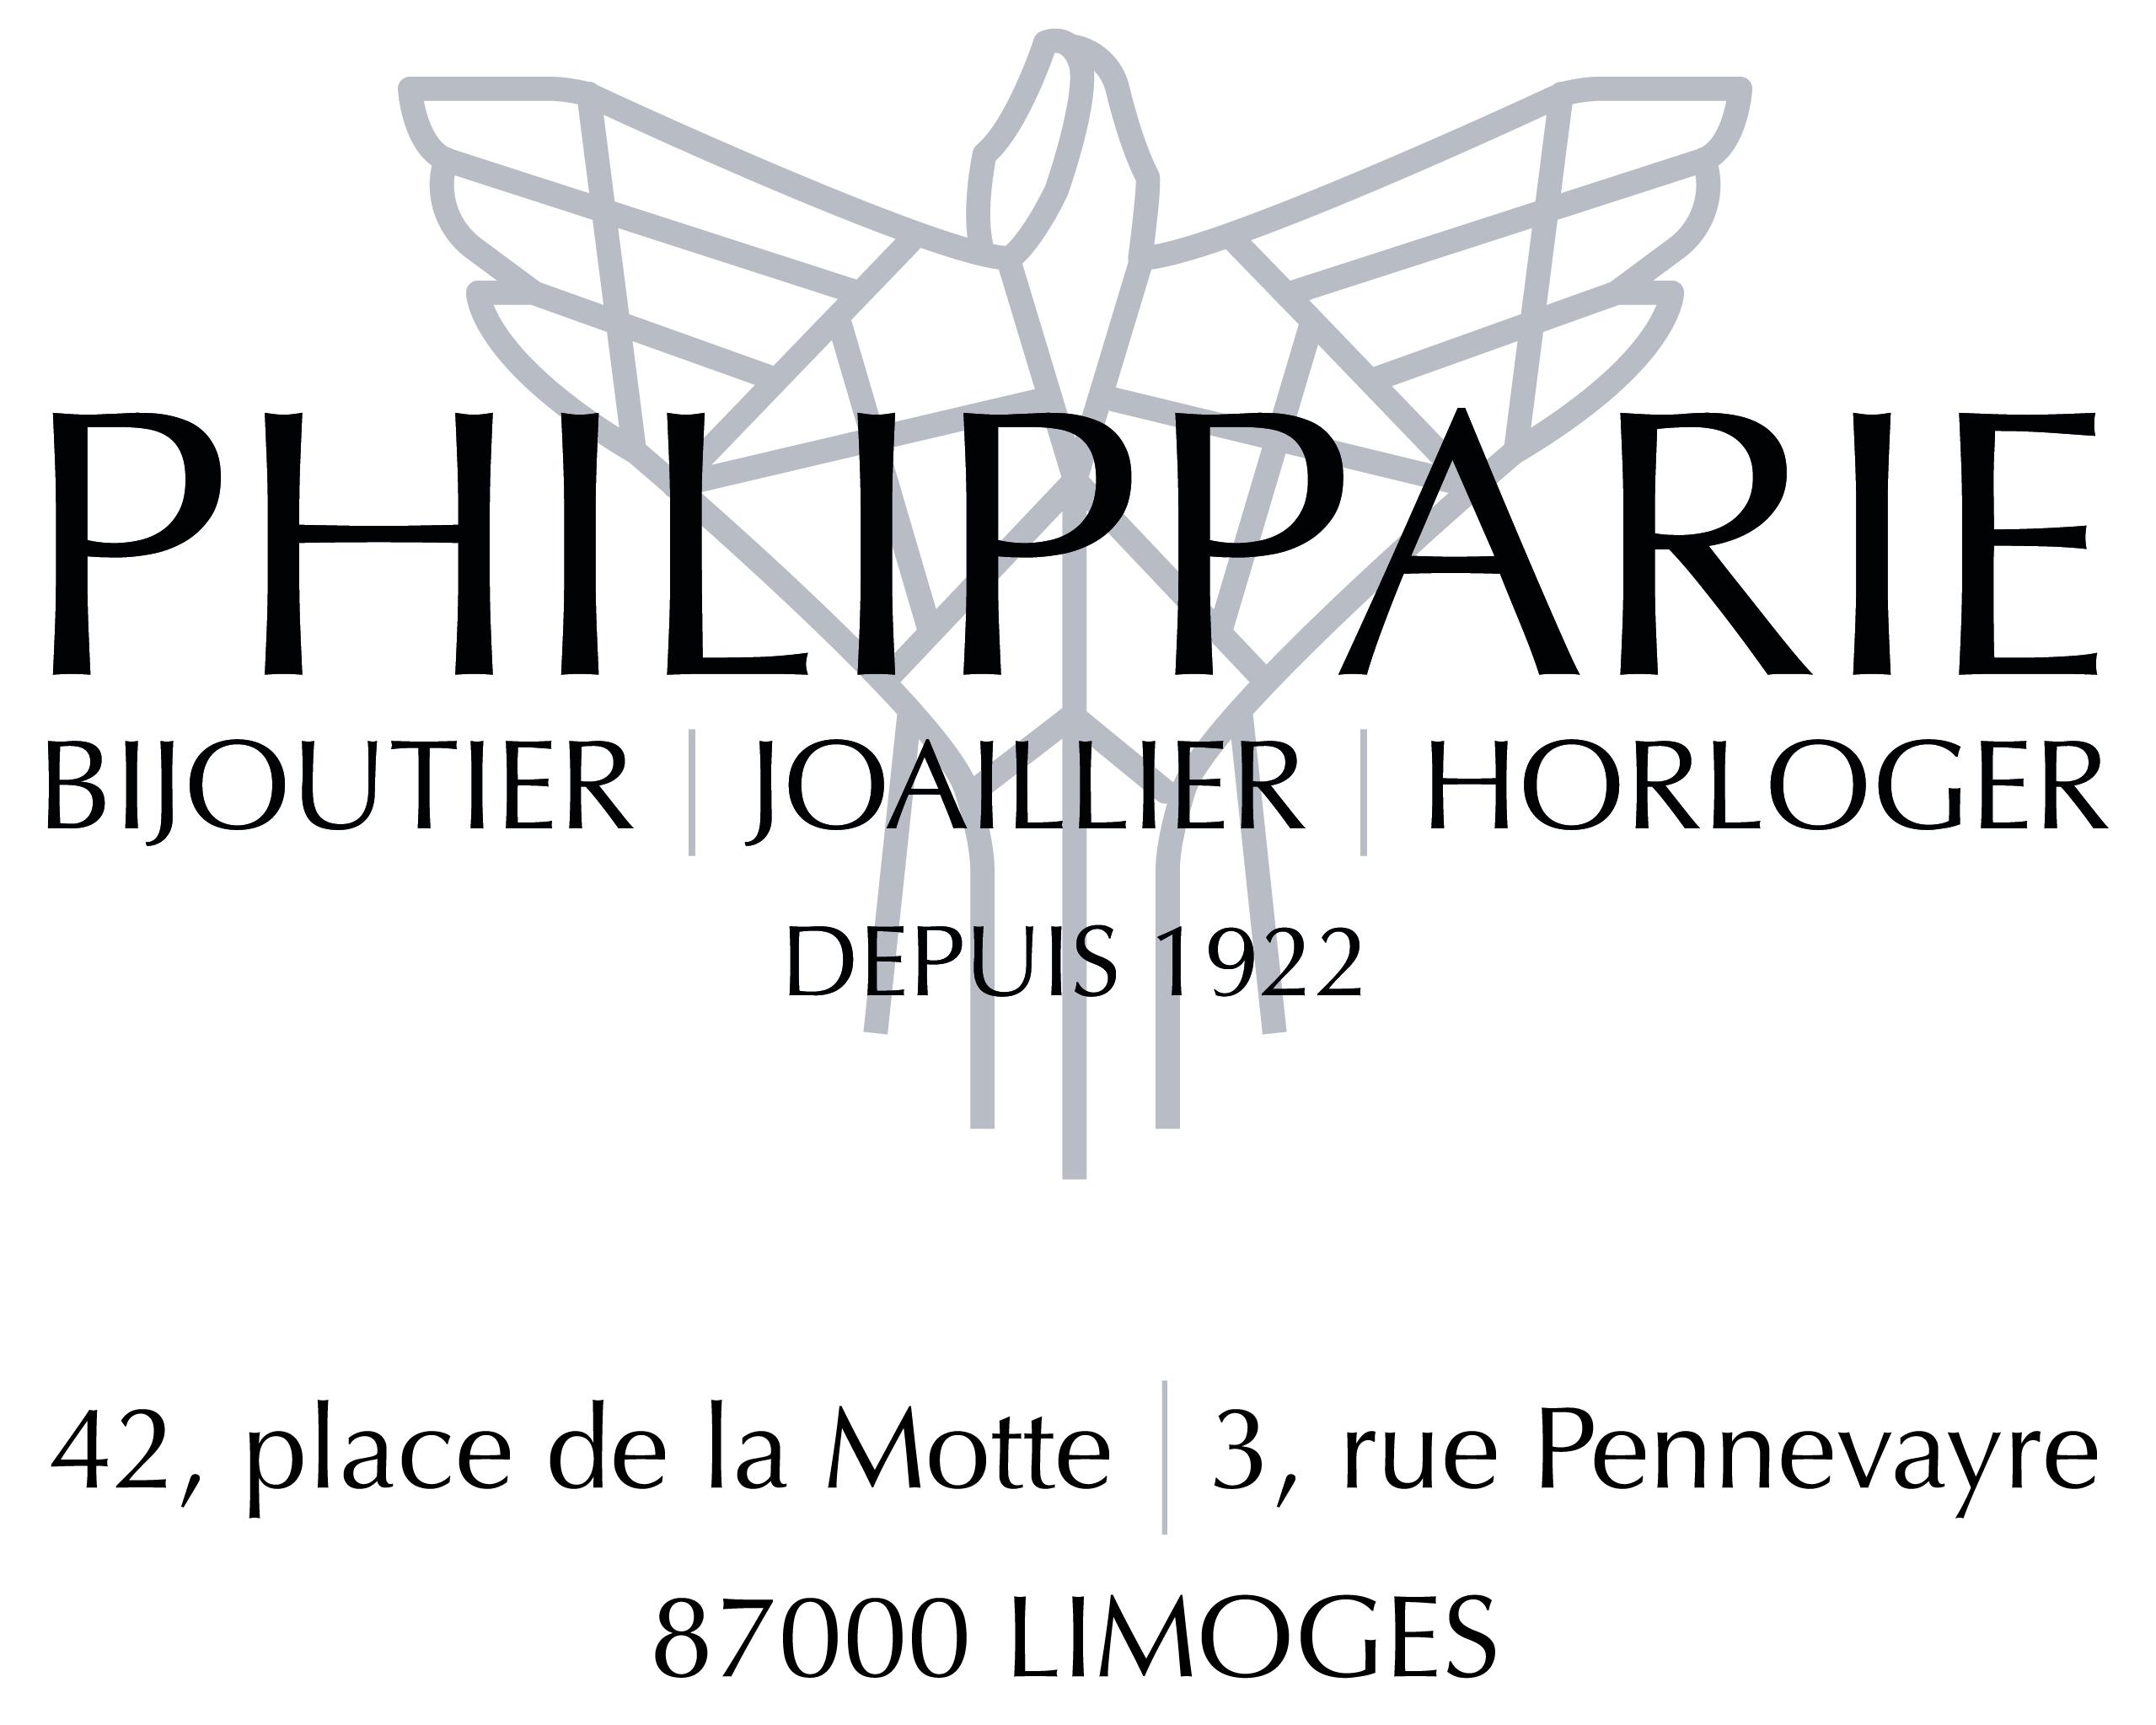 BIJOUTERIE PHILIPPARIE bijouterie et joaillerie (détail)